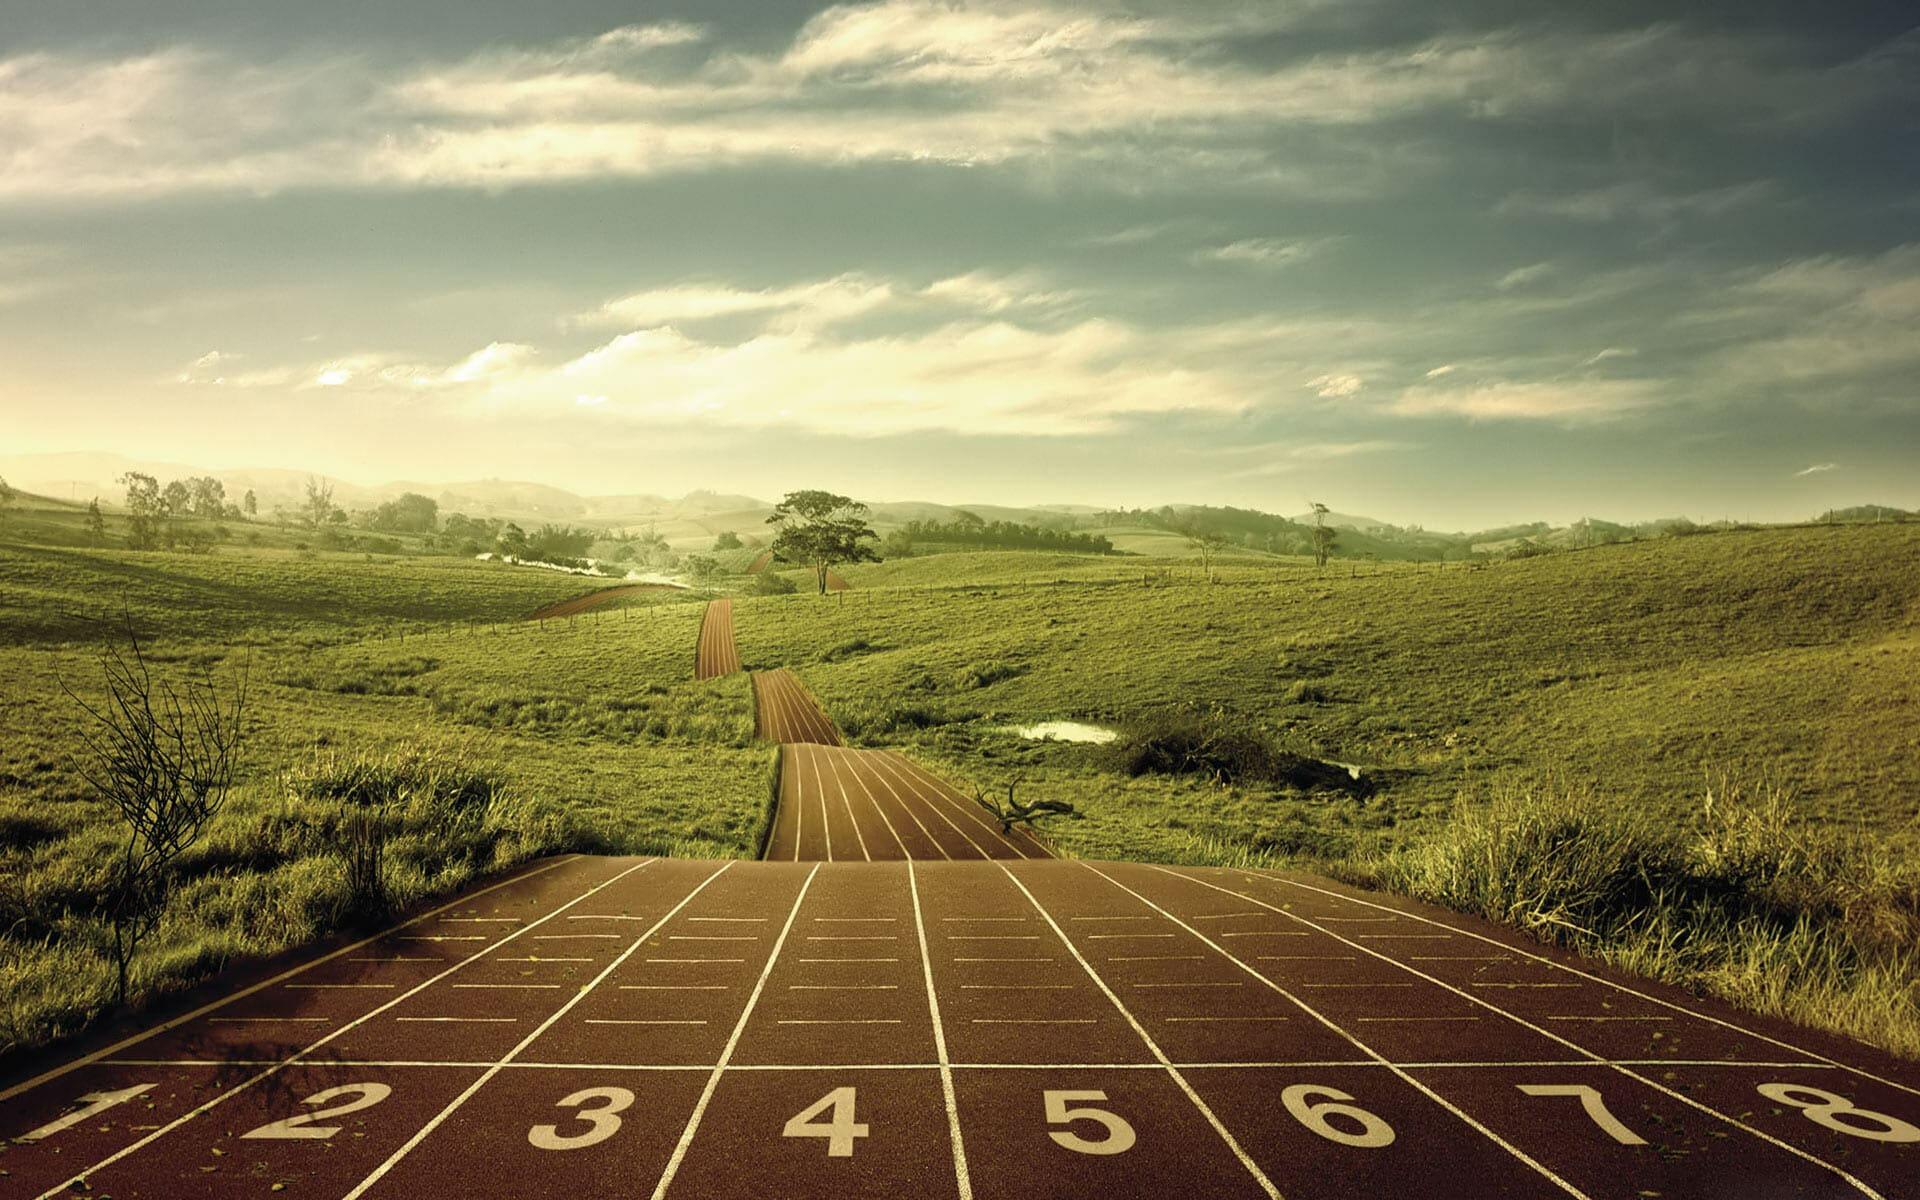 intervallträning bakgrund - löpning